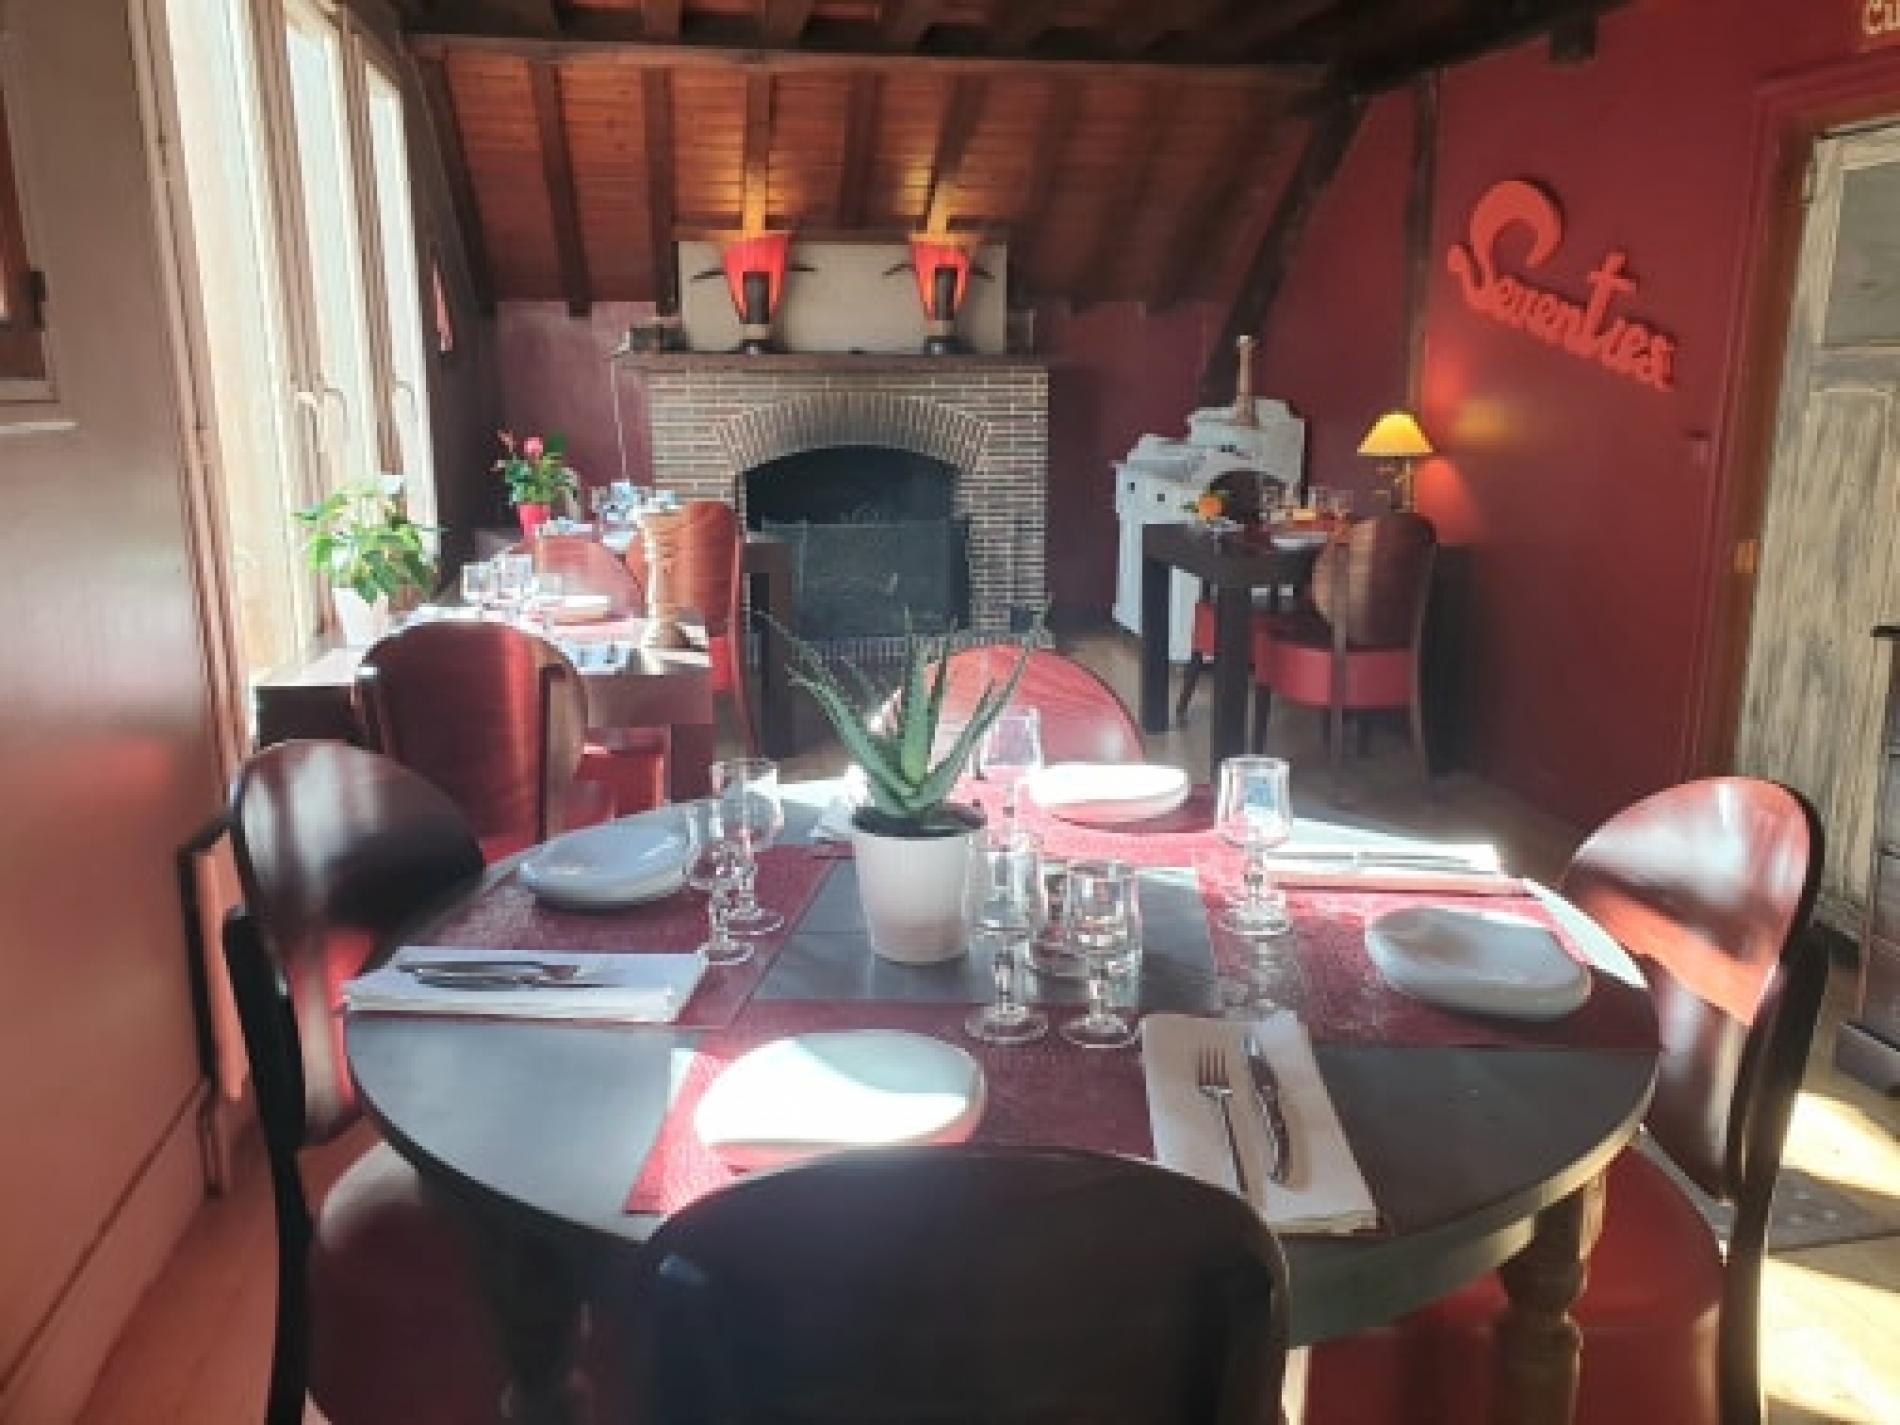 Restaurant Cote cheminée pour l'hiver